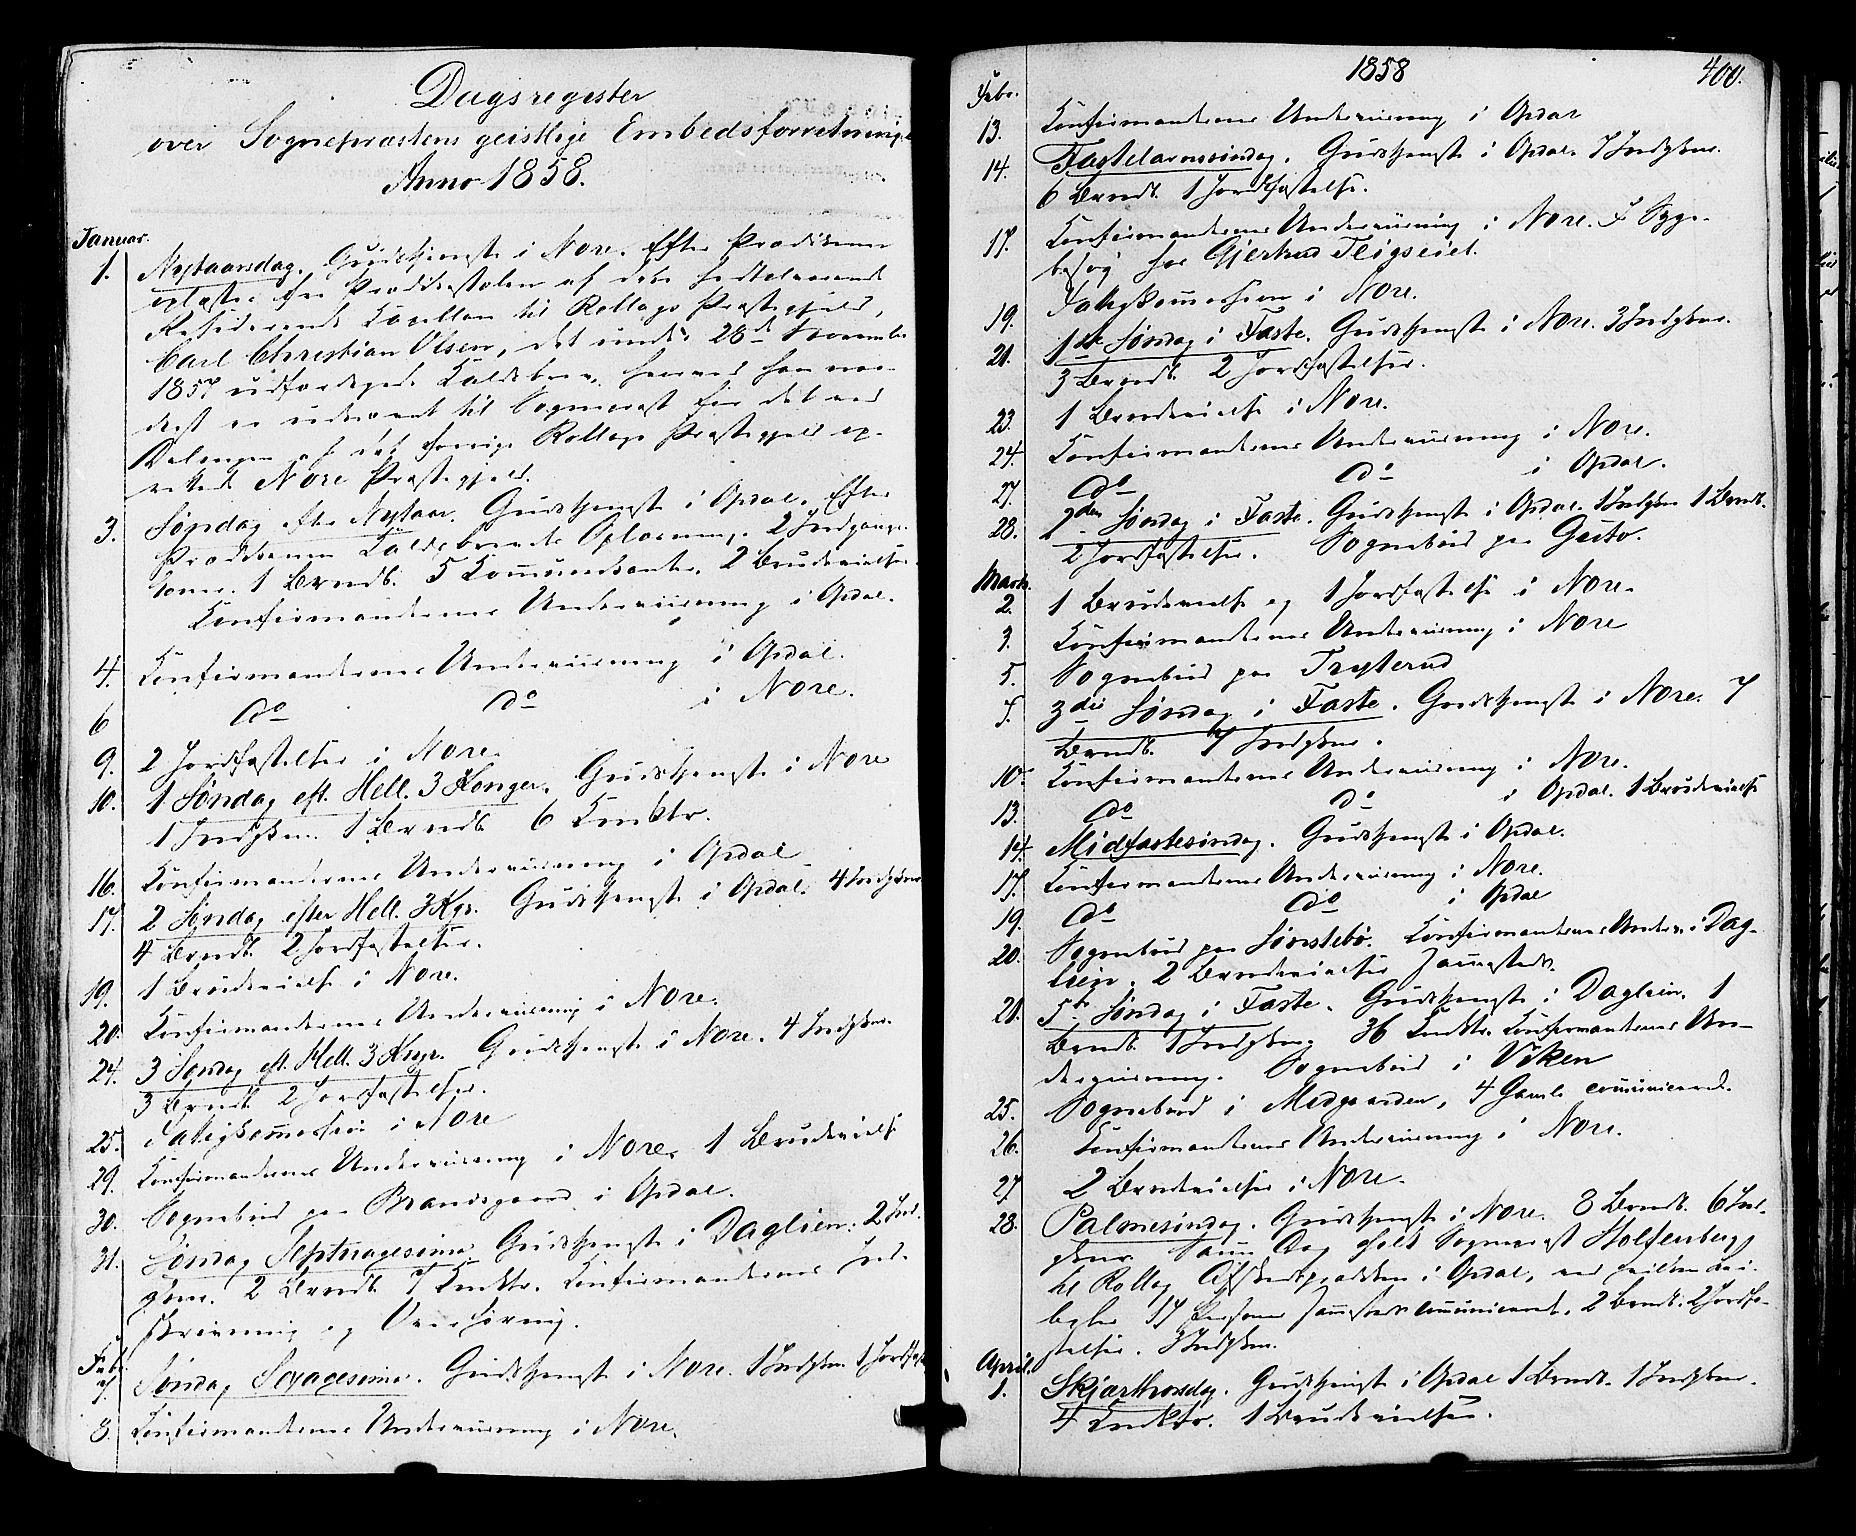 SAKO, Nore kirkebøker, F/Fa/L0003: Ministerialbok nr. I 3, 1858-1866, s. 400